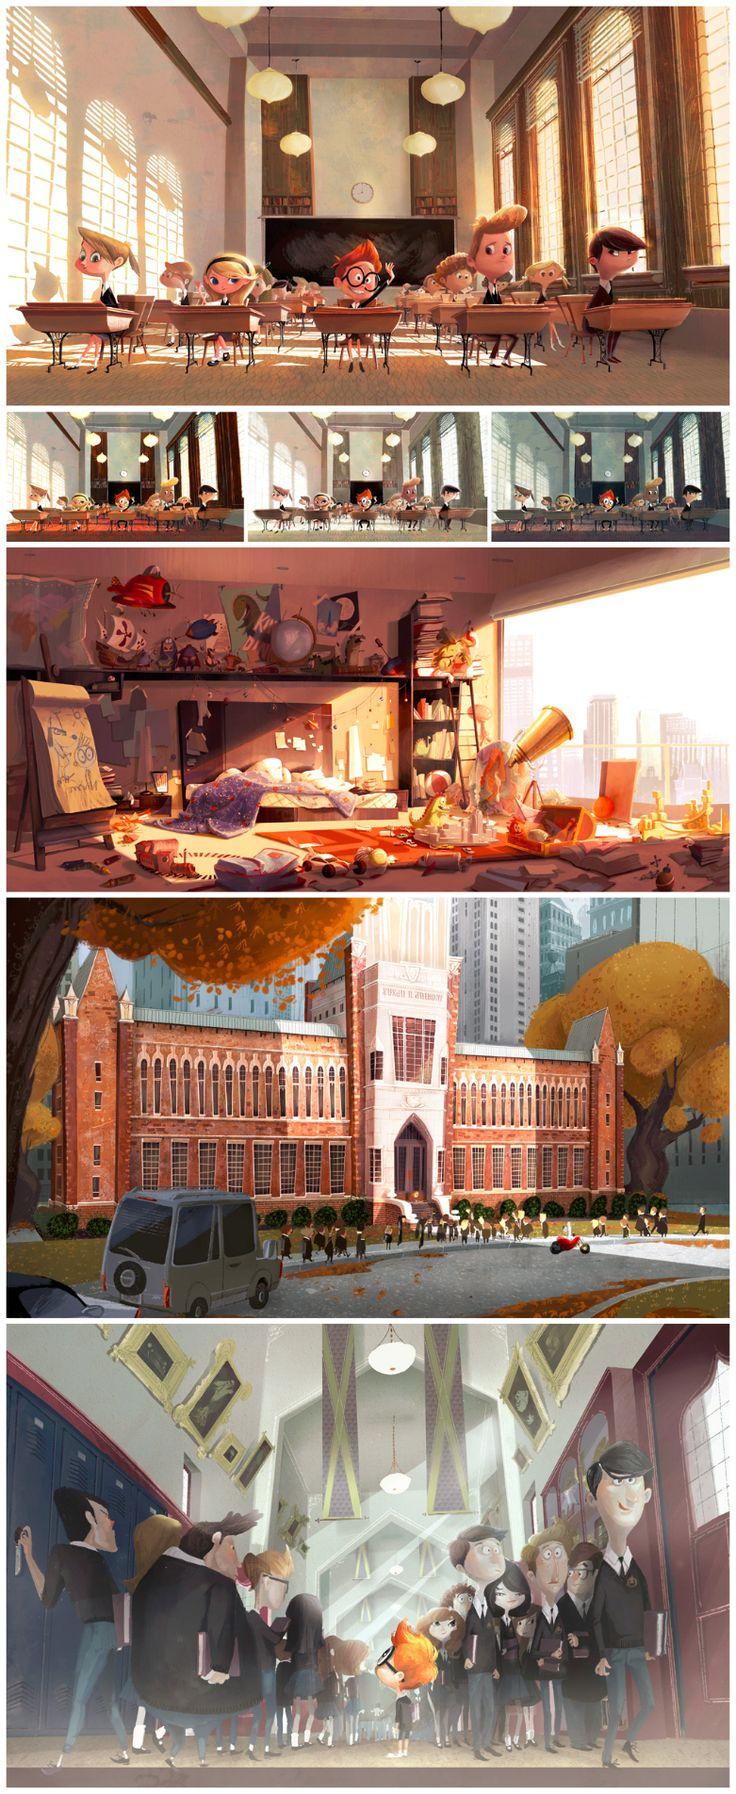 LAYOUT/ESPACIALIDADE: camadas, luzes e transparências criam espacialidade, equilibrando entre o quadro e o campo  Priscilla Wong - Mr. Peabody & Sherman concept art